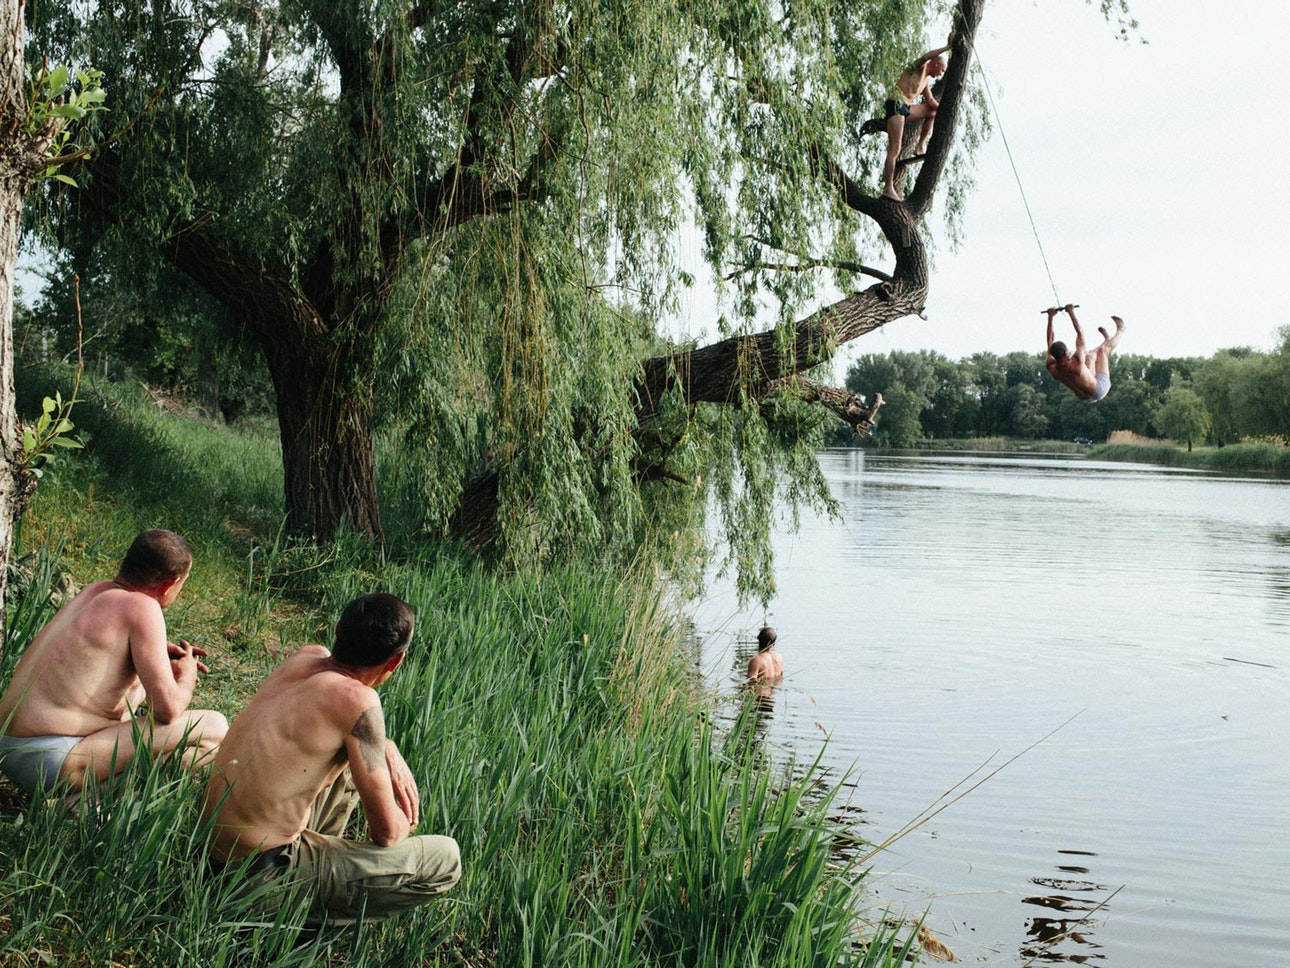 Druzhkovka_Donetskregion.jpg